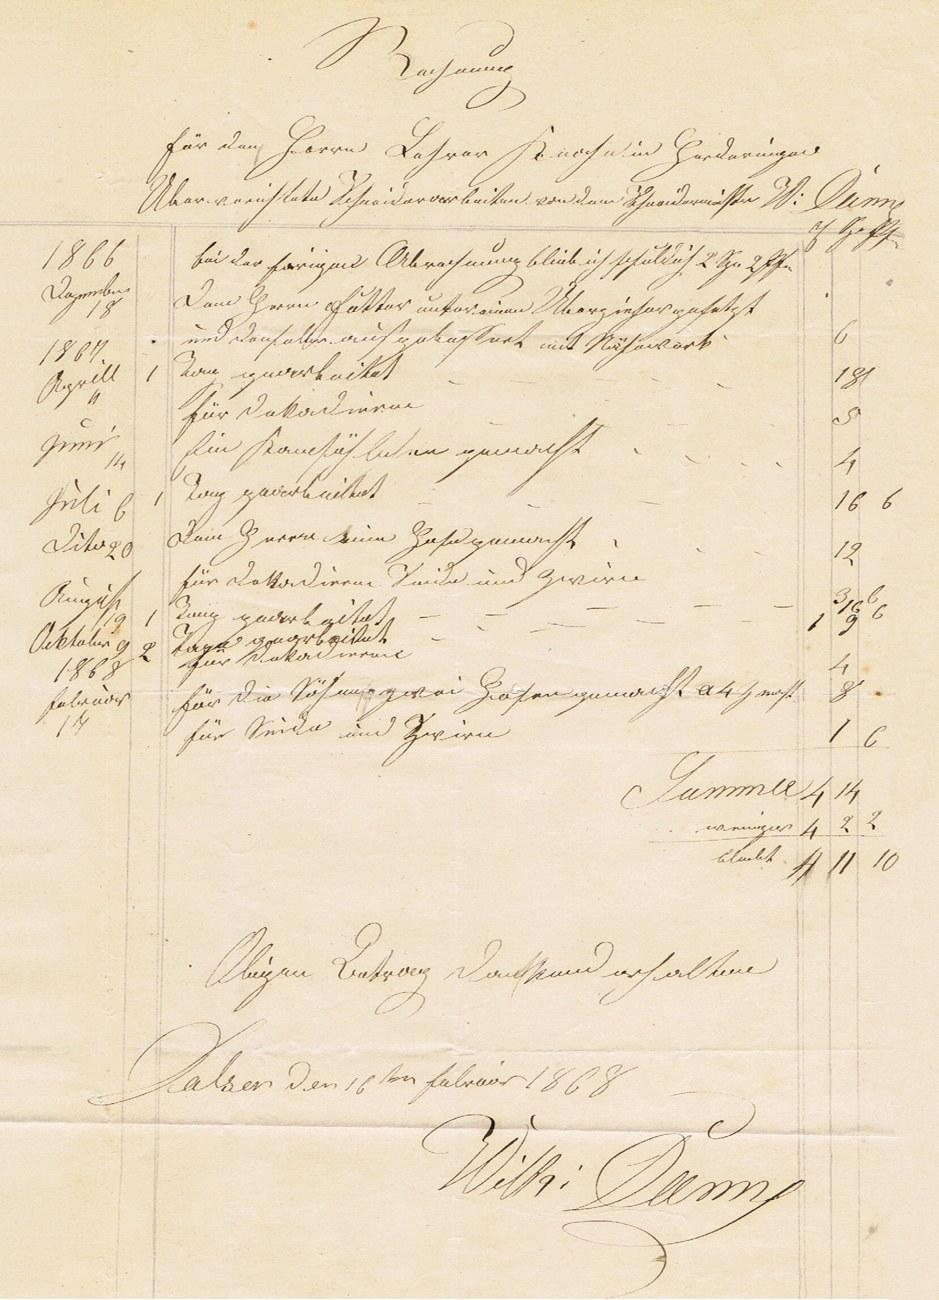 Rechnung Schneidermeister Wilhelm Danne an Rechenmeister Heinrich Knoche Herdringen 1868